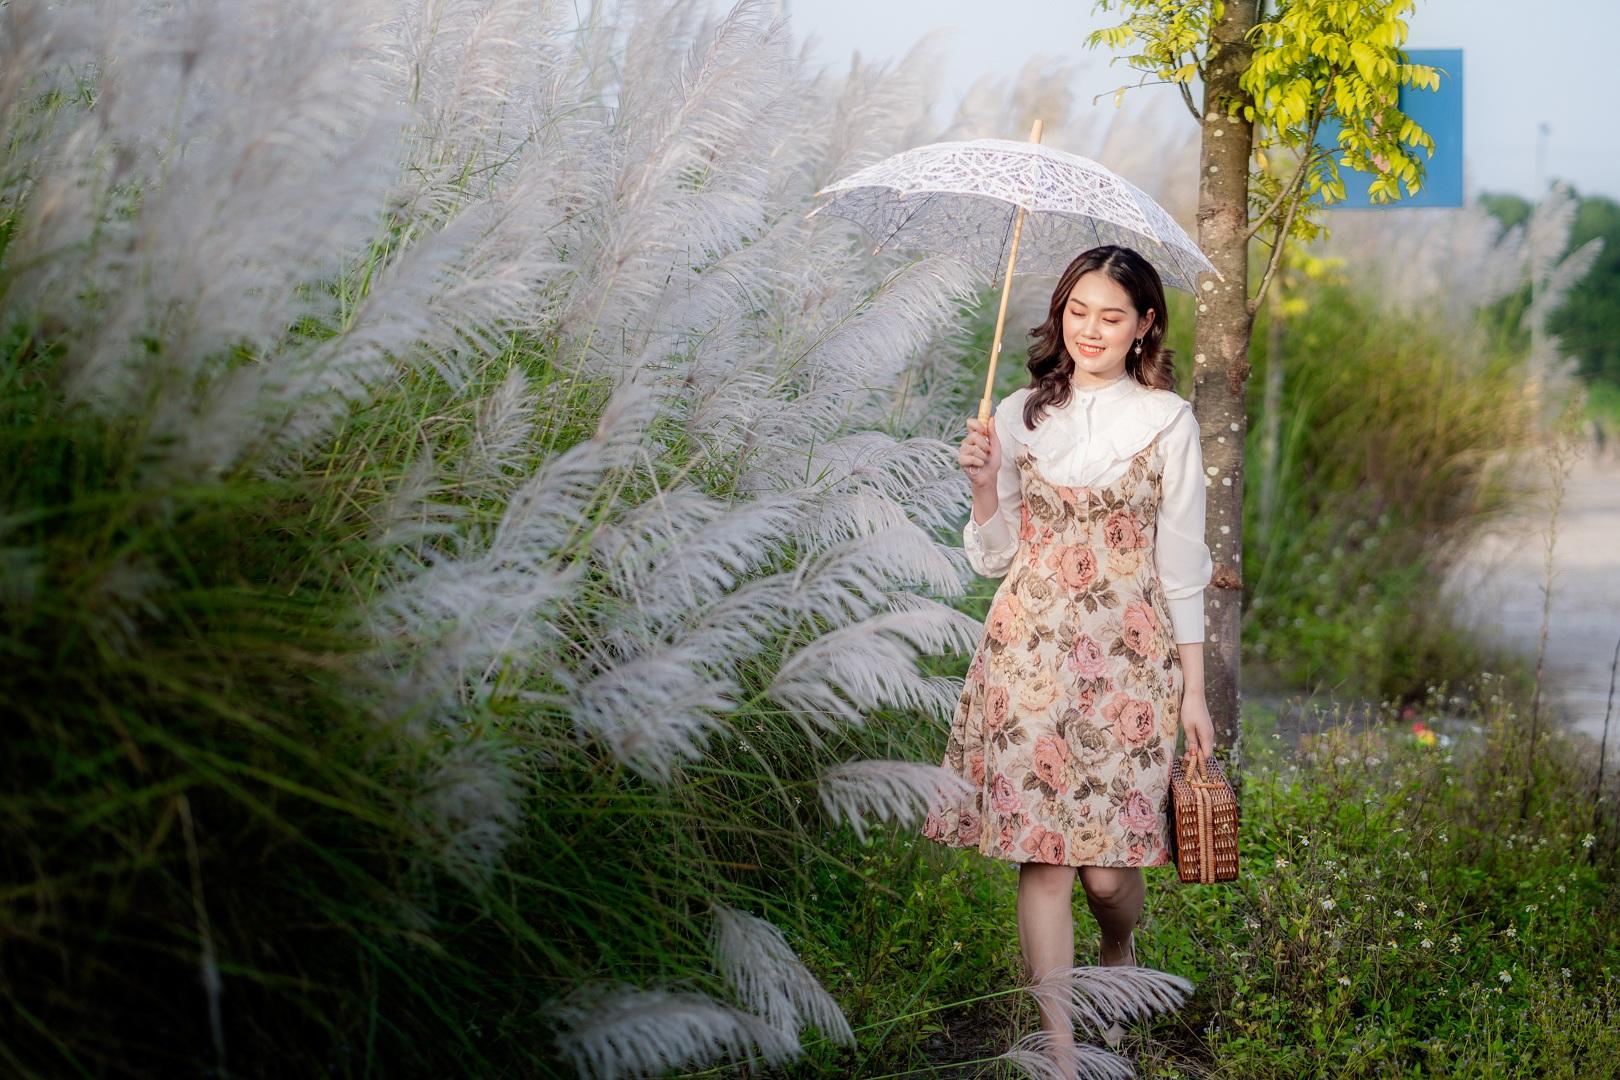 Bãi cỏ lau trắng tuyệt đẹp hút giới trẻ Hà thành tới sống ảo - 3